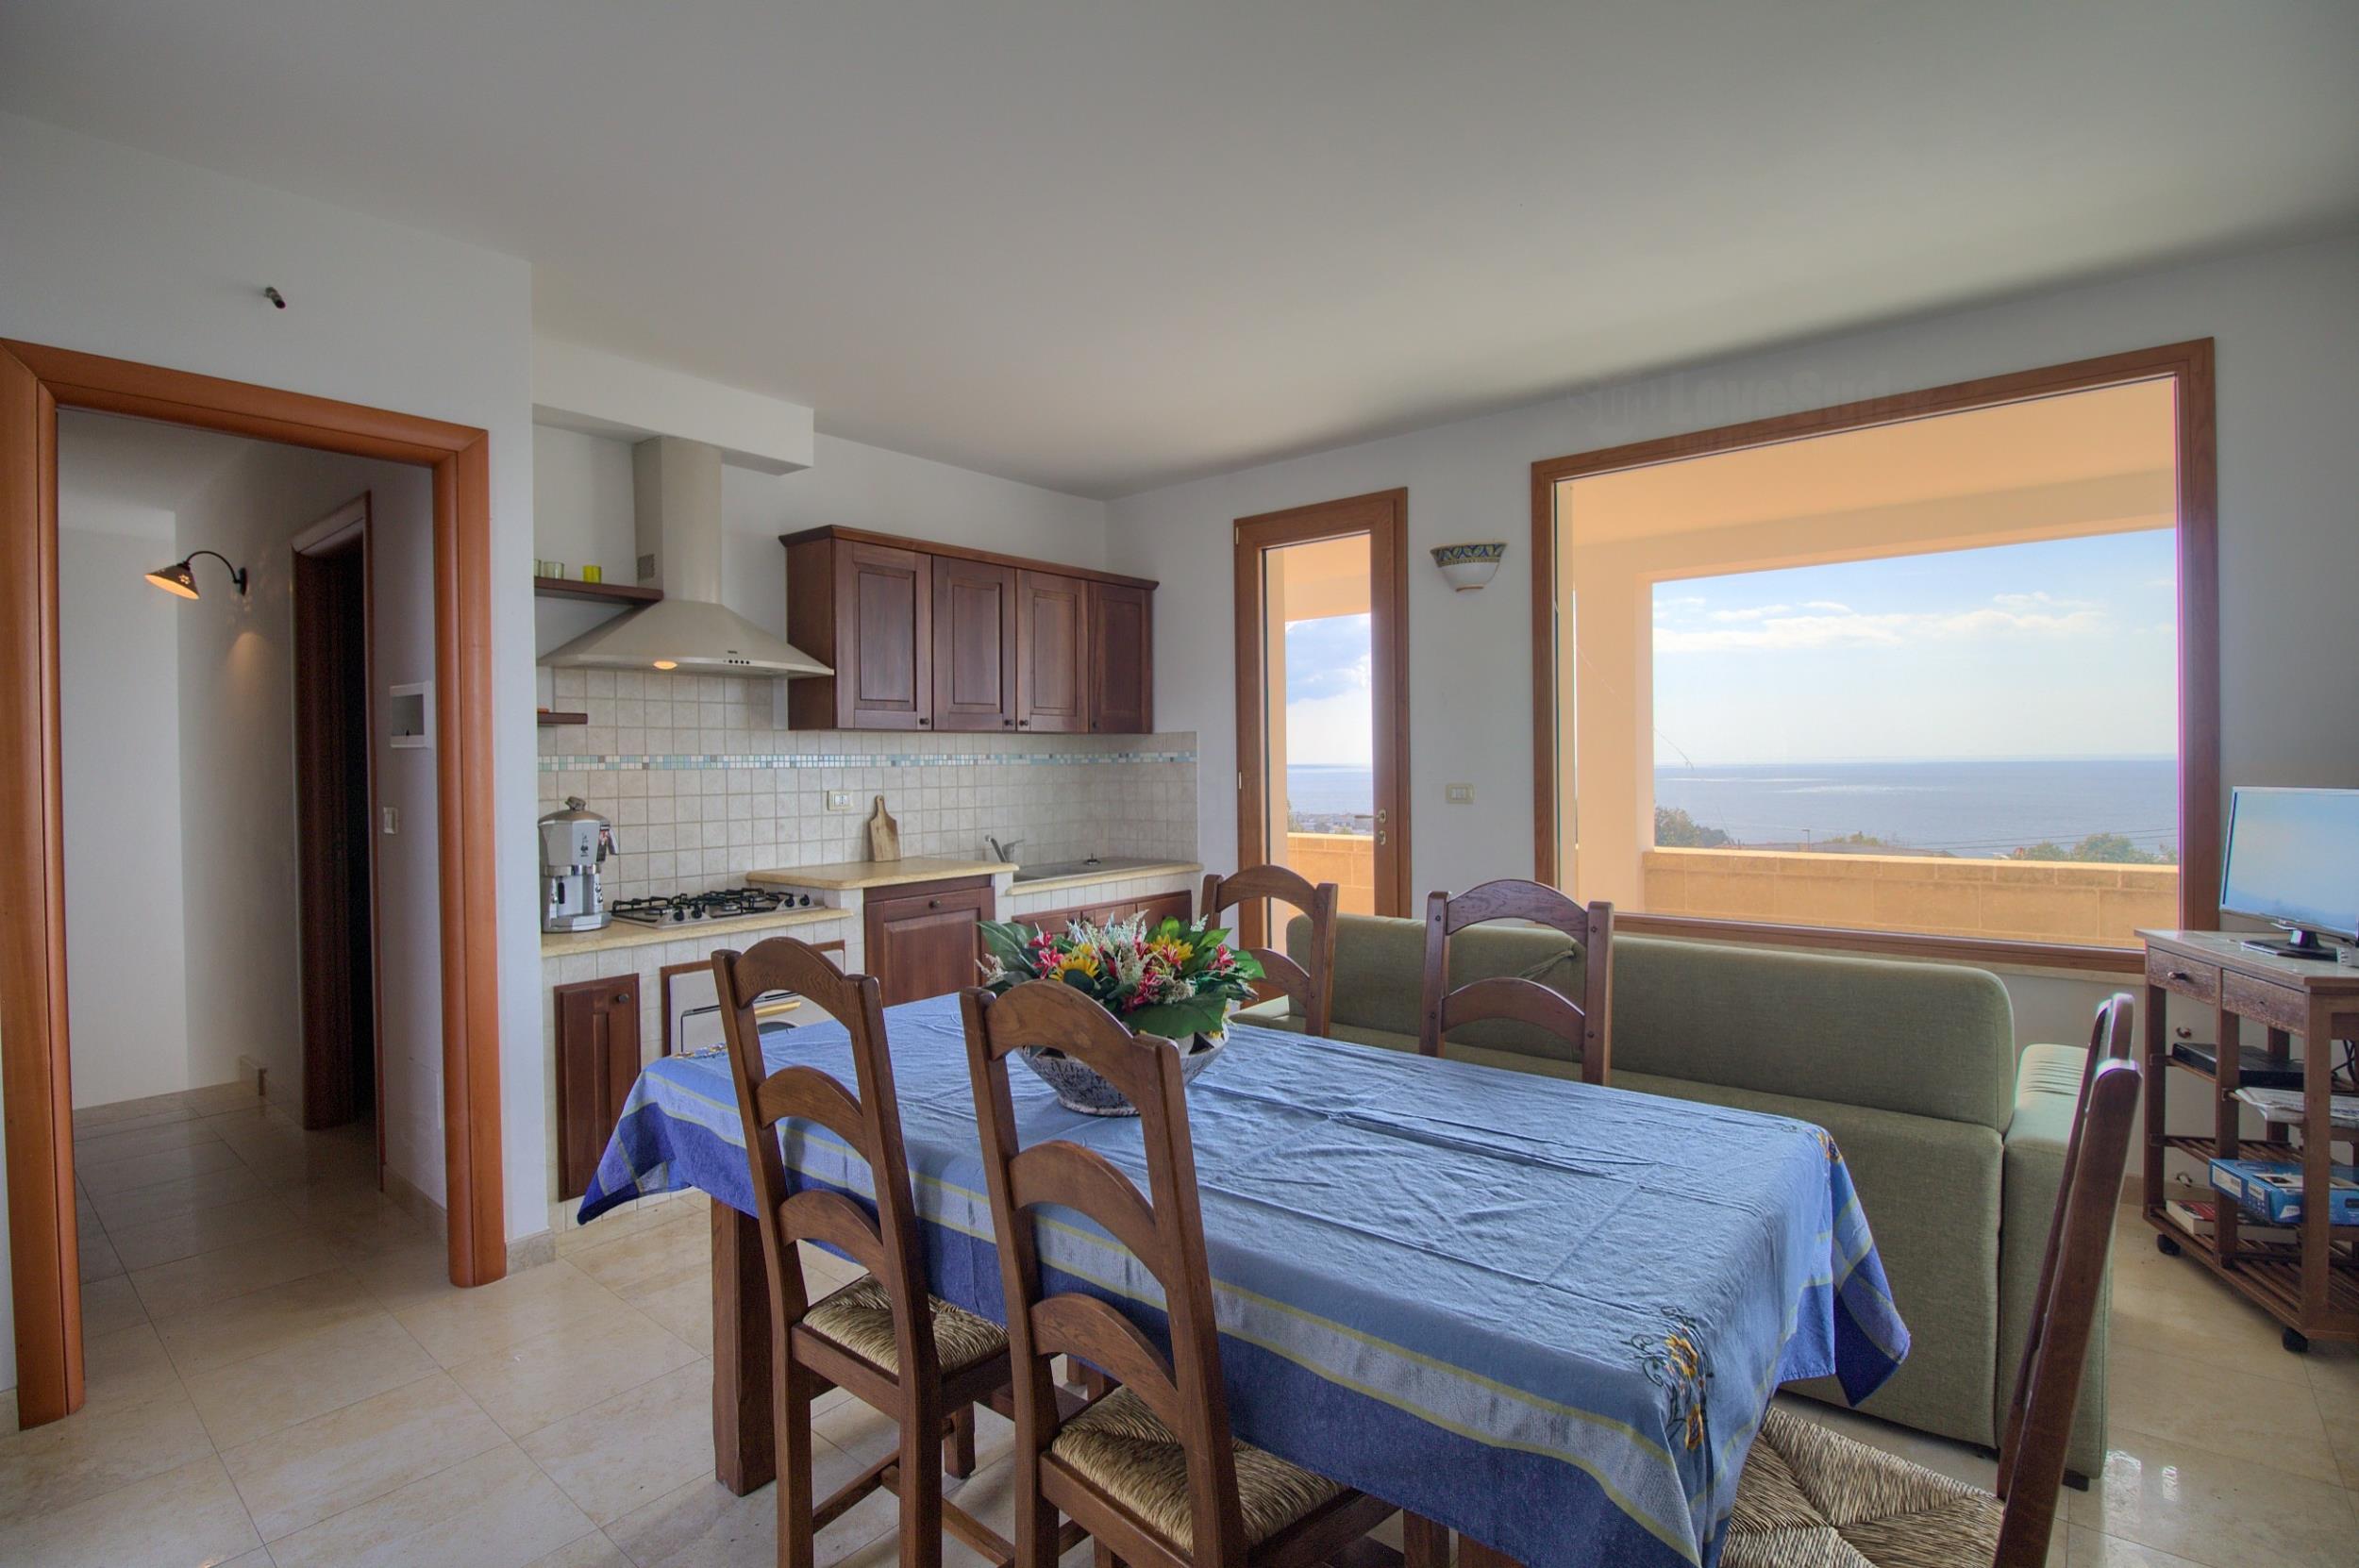 Apartment Corbezzolo vista mare photo 22470862